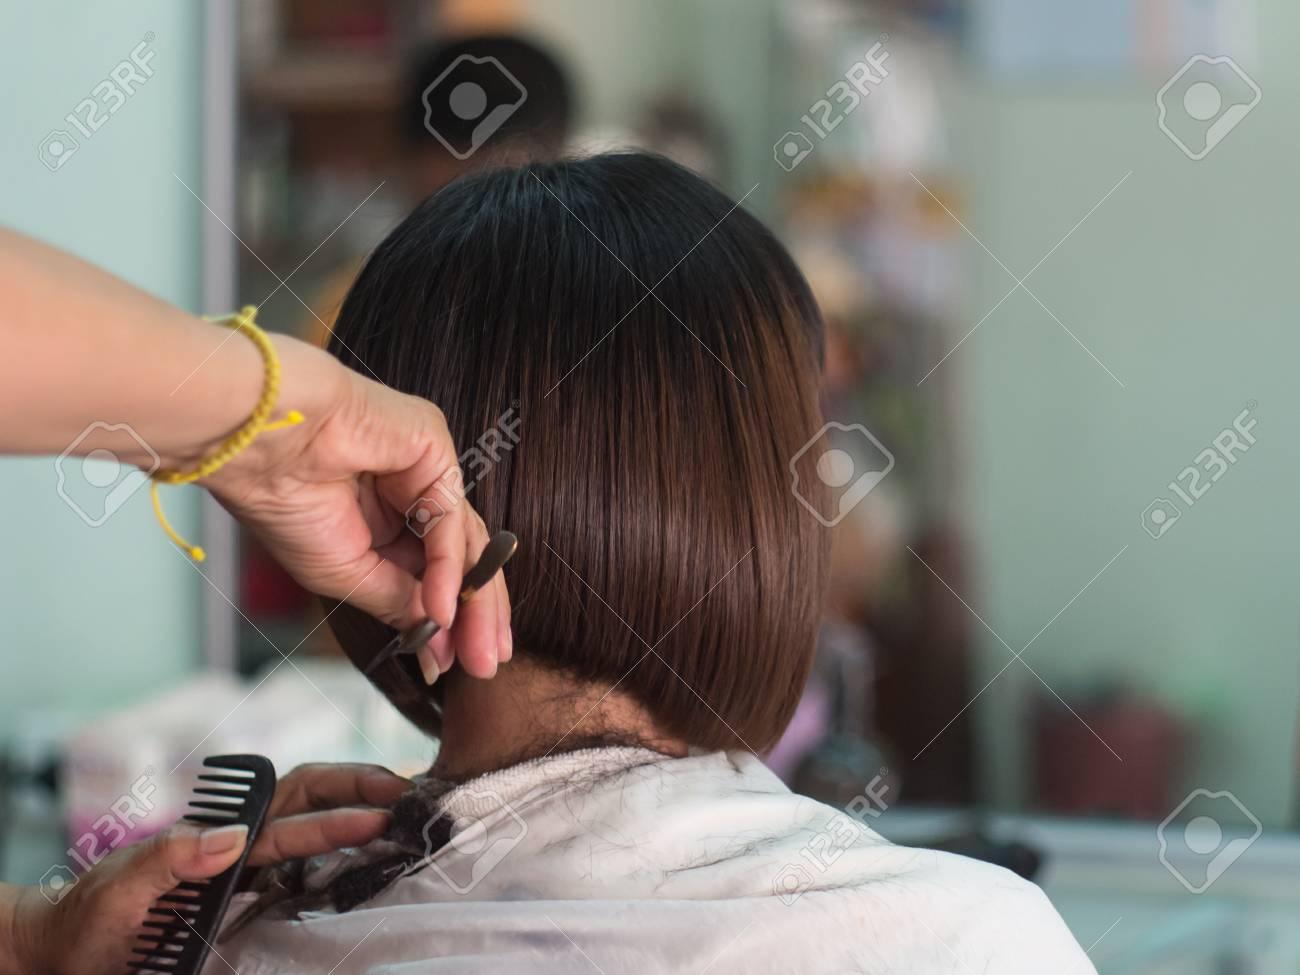 Coiffeur Coupe Les Cheveux Courts Jeune Femme Asiatique Au Salon De Beaute Banque D Images Et Photos Libres De Droits Image 61007082